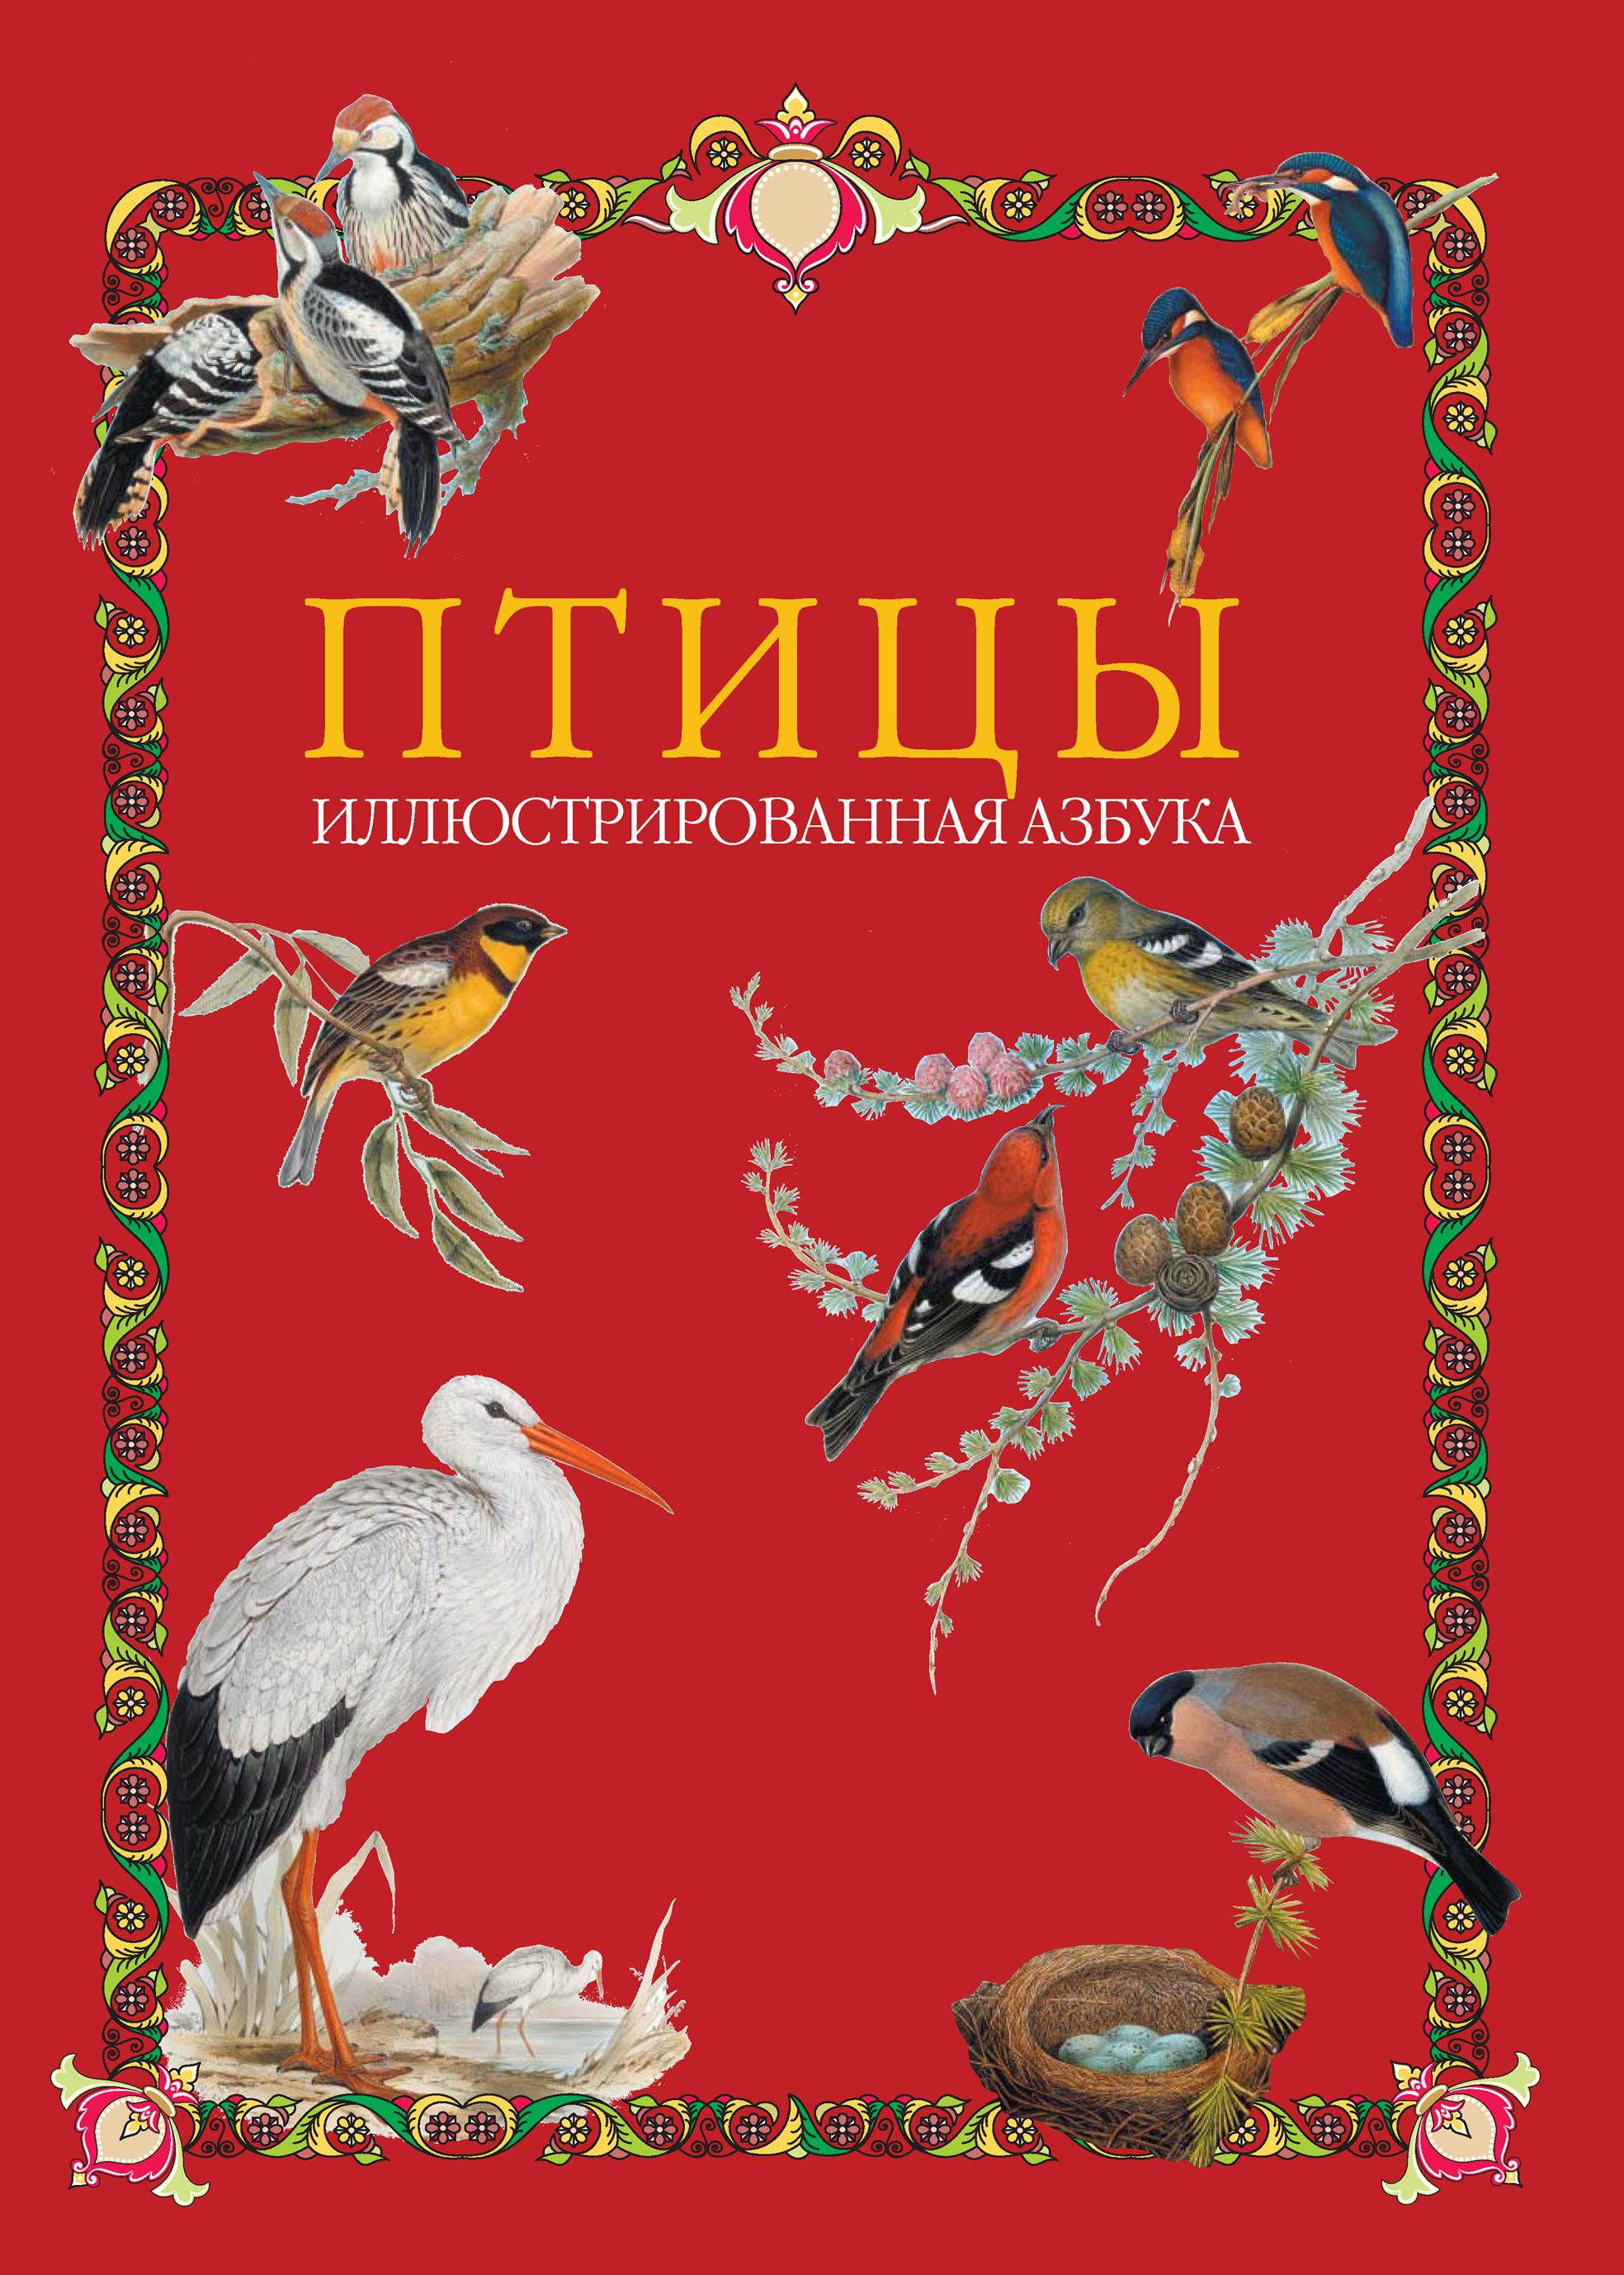 Отсутствует Птицы. Иллюстрированная азбука отсутствует птицы 60 птиц которых должен знать каждый